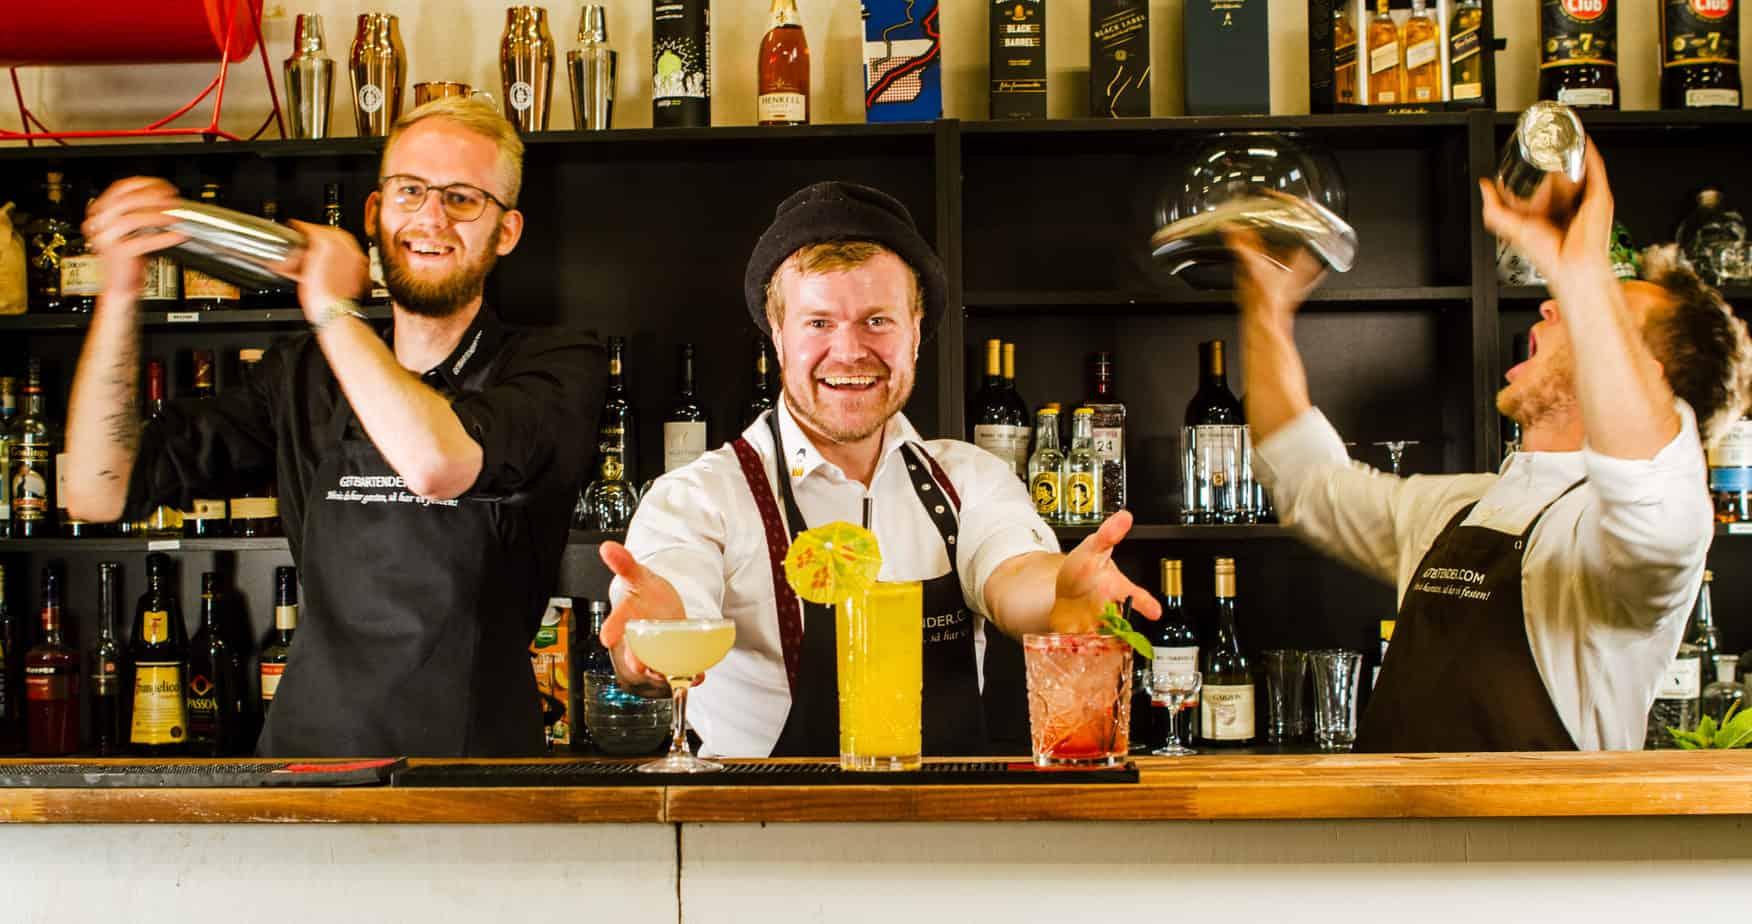 Cocktail Bar til fødselsdag Festplanlægning - Event Julefrokost Bar - Cocktails til julefrokost - Underholdning til julefrokost - firma julefrokost - Cocktail Bar til julefrokost